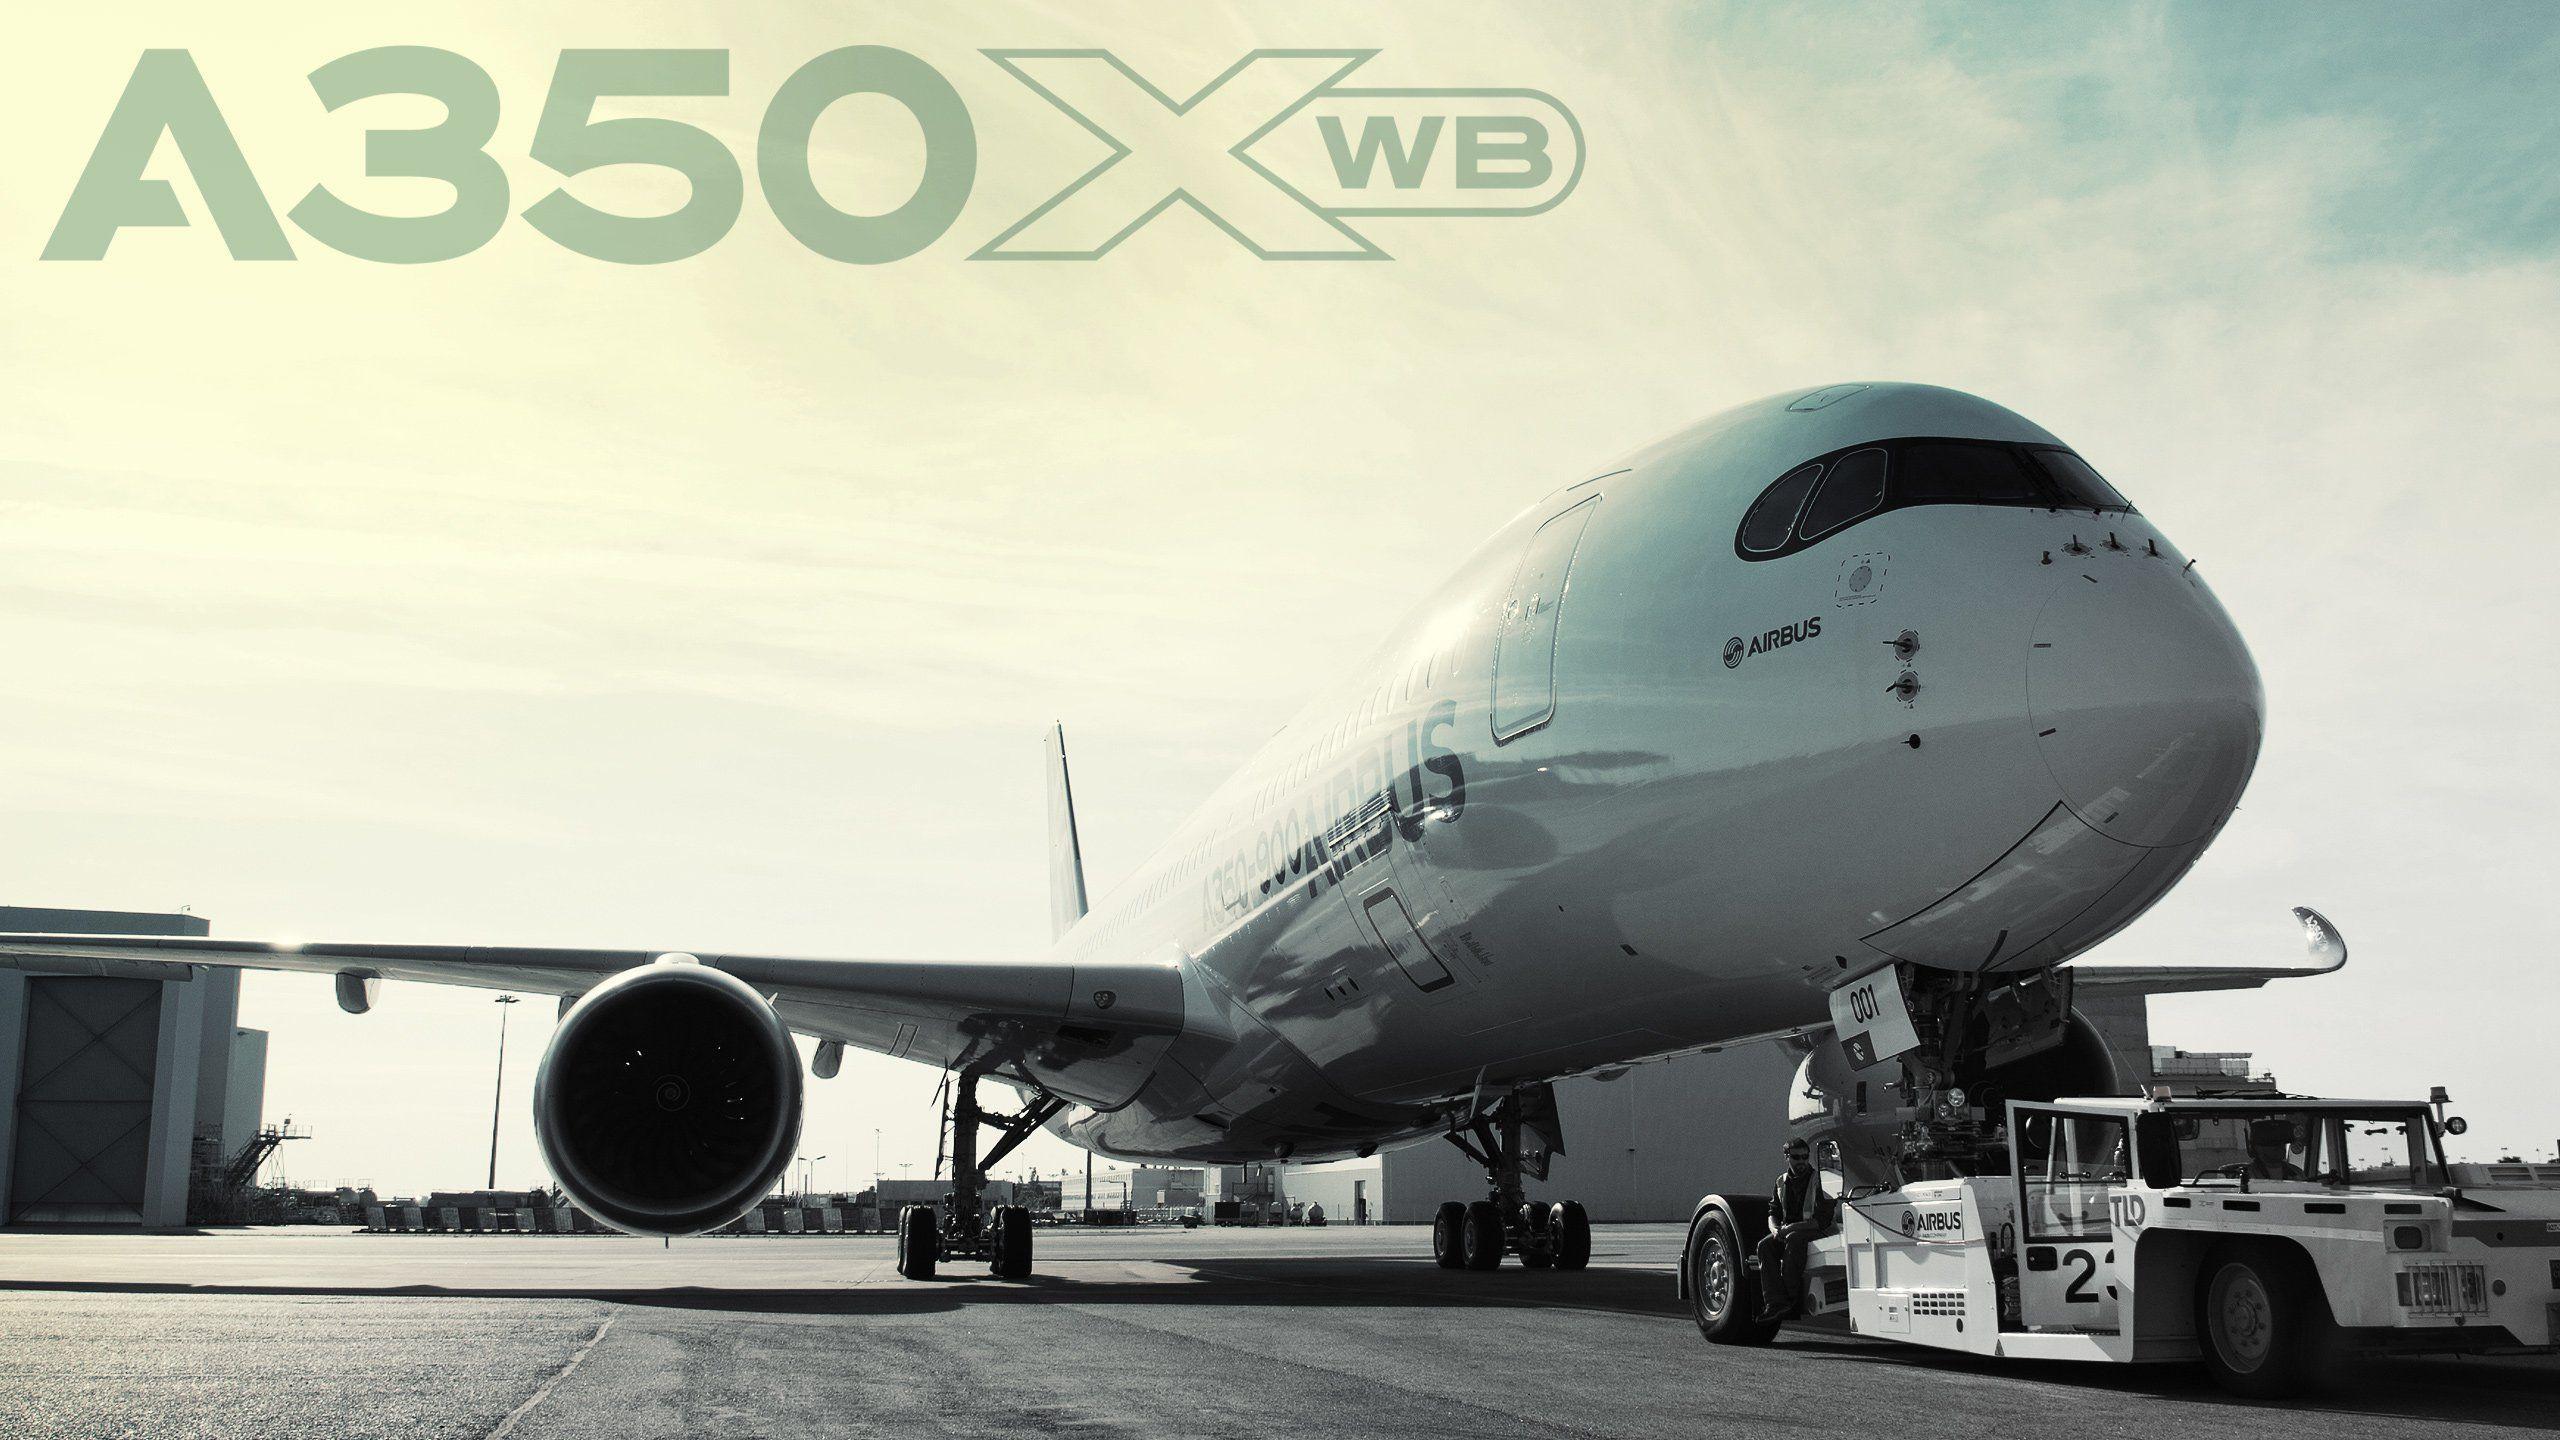 airbus a350 xwb hd